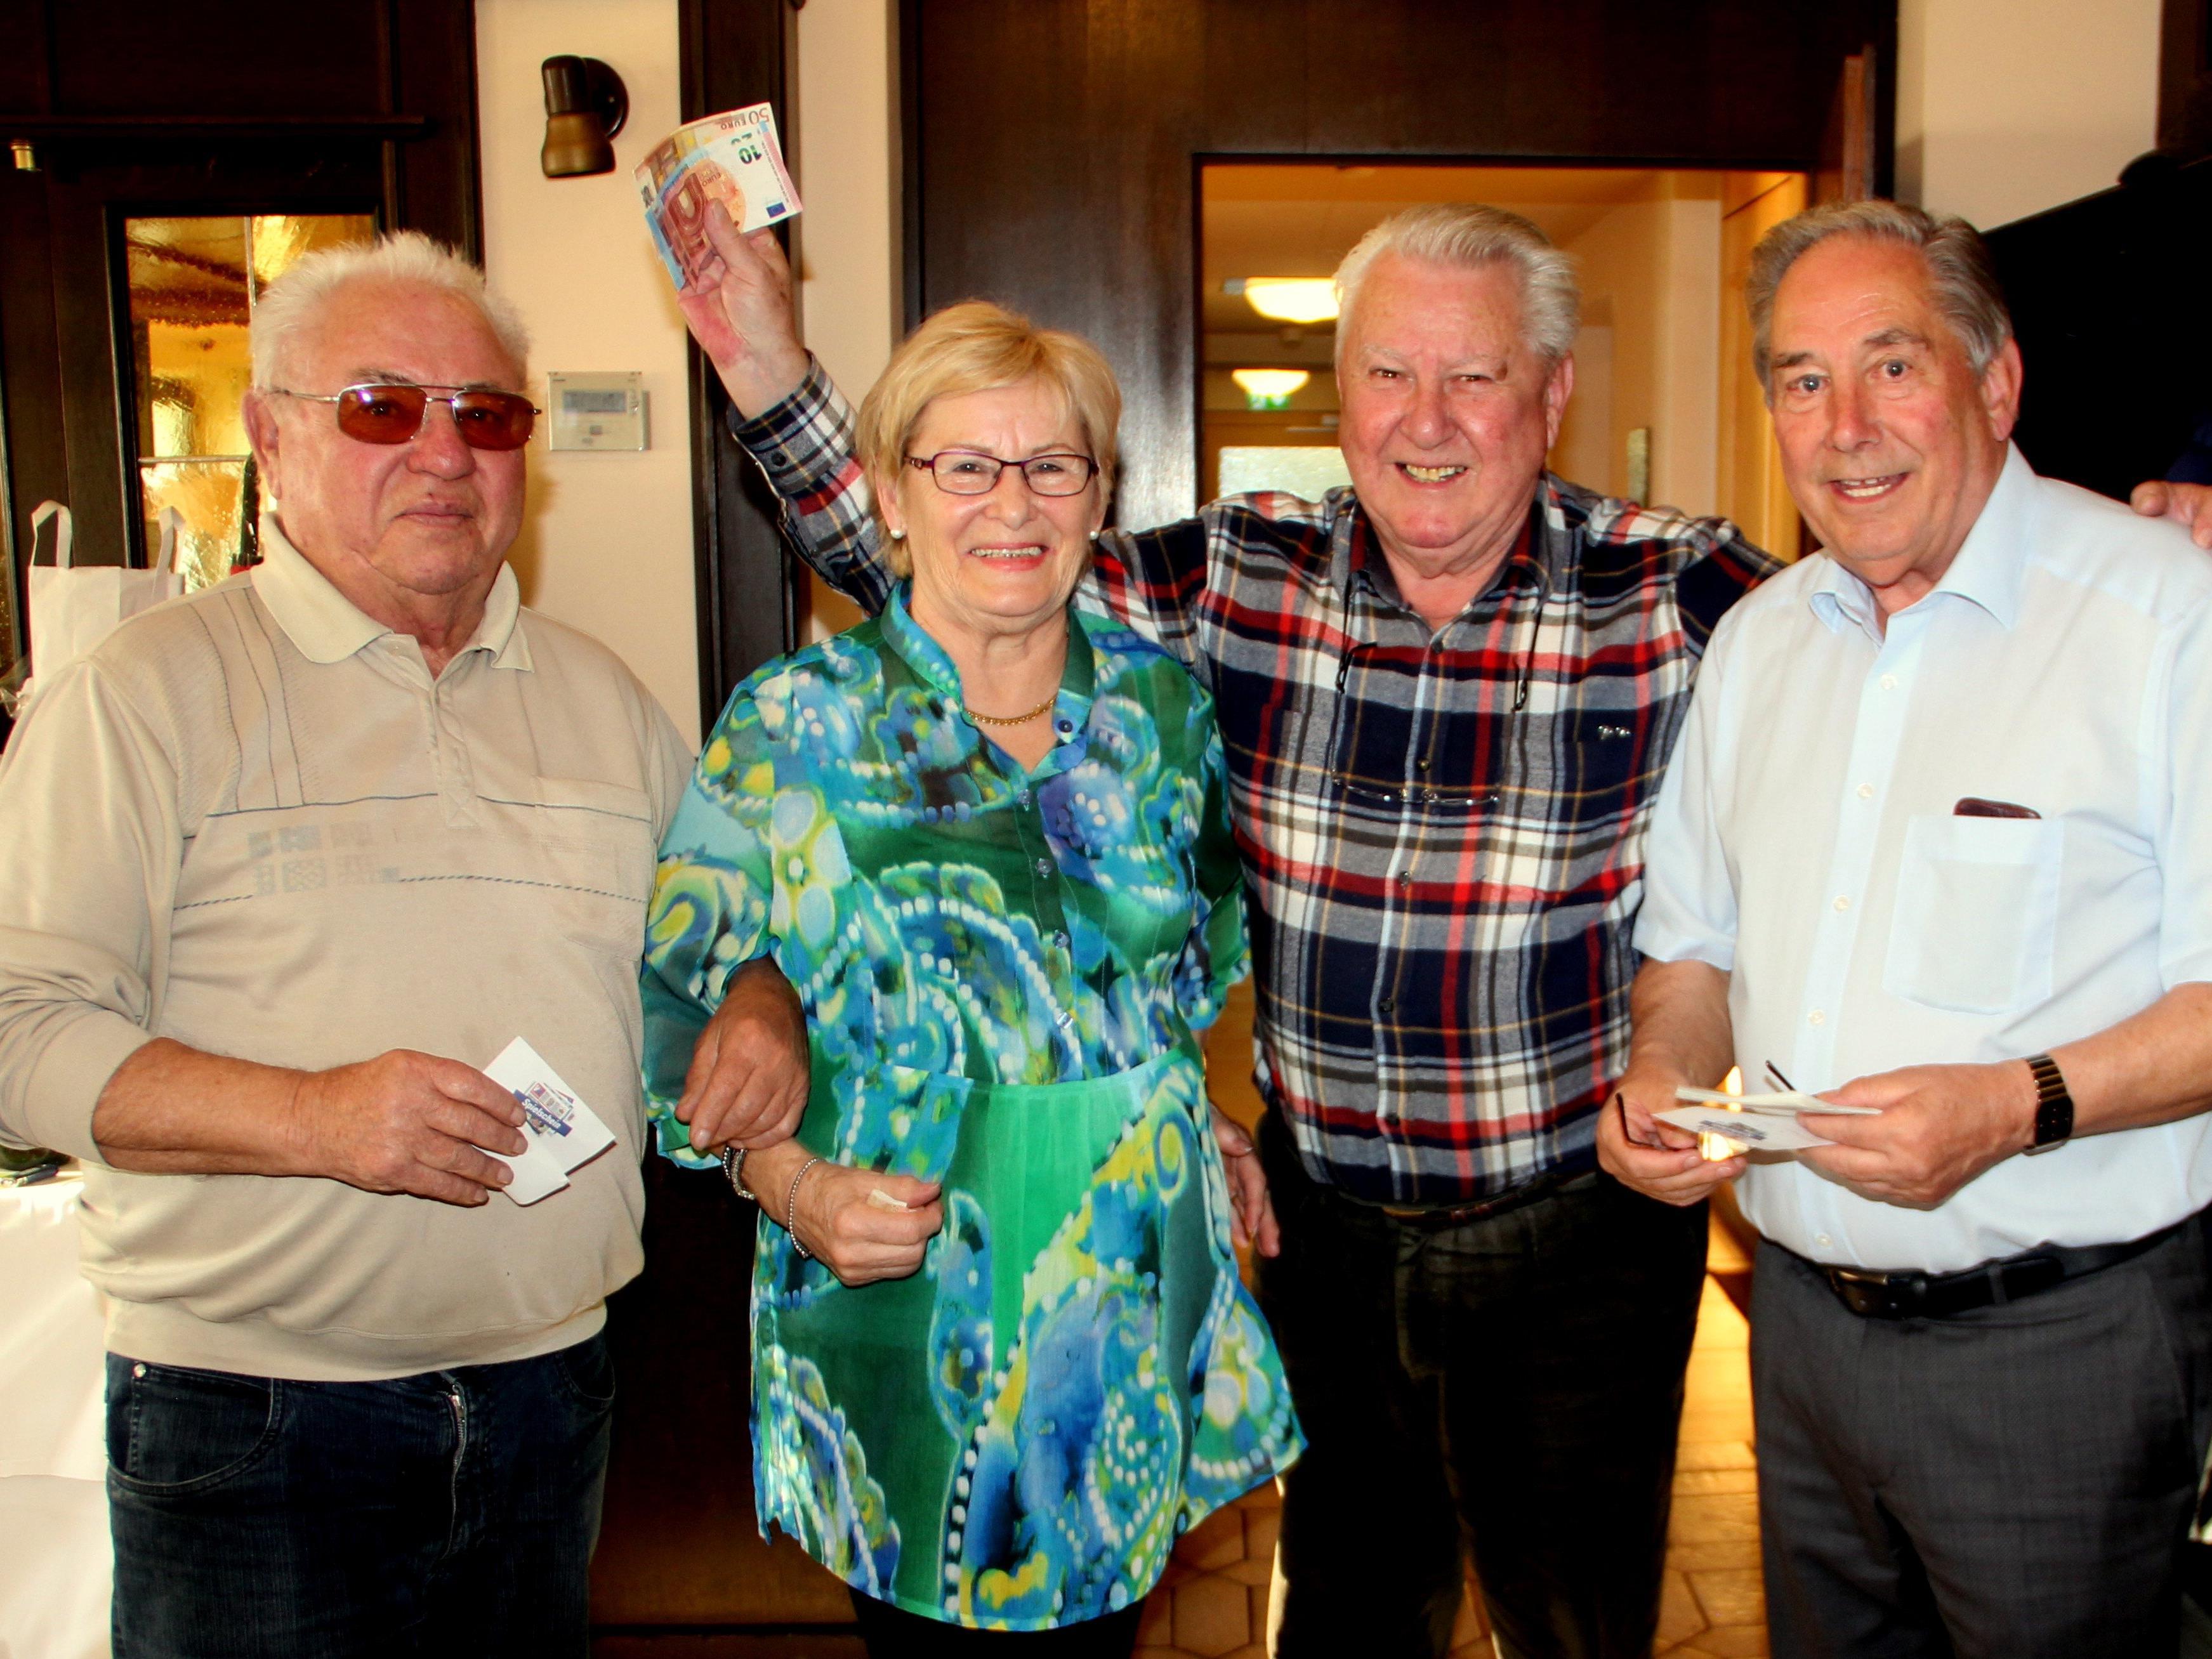 Gewinner des Seniorenring-Preisjassen (v.l.n.r): Toni Buttazoni, Gitte Gauster, Heinz Fitz, Pepi Suitner (Spielleiter)